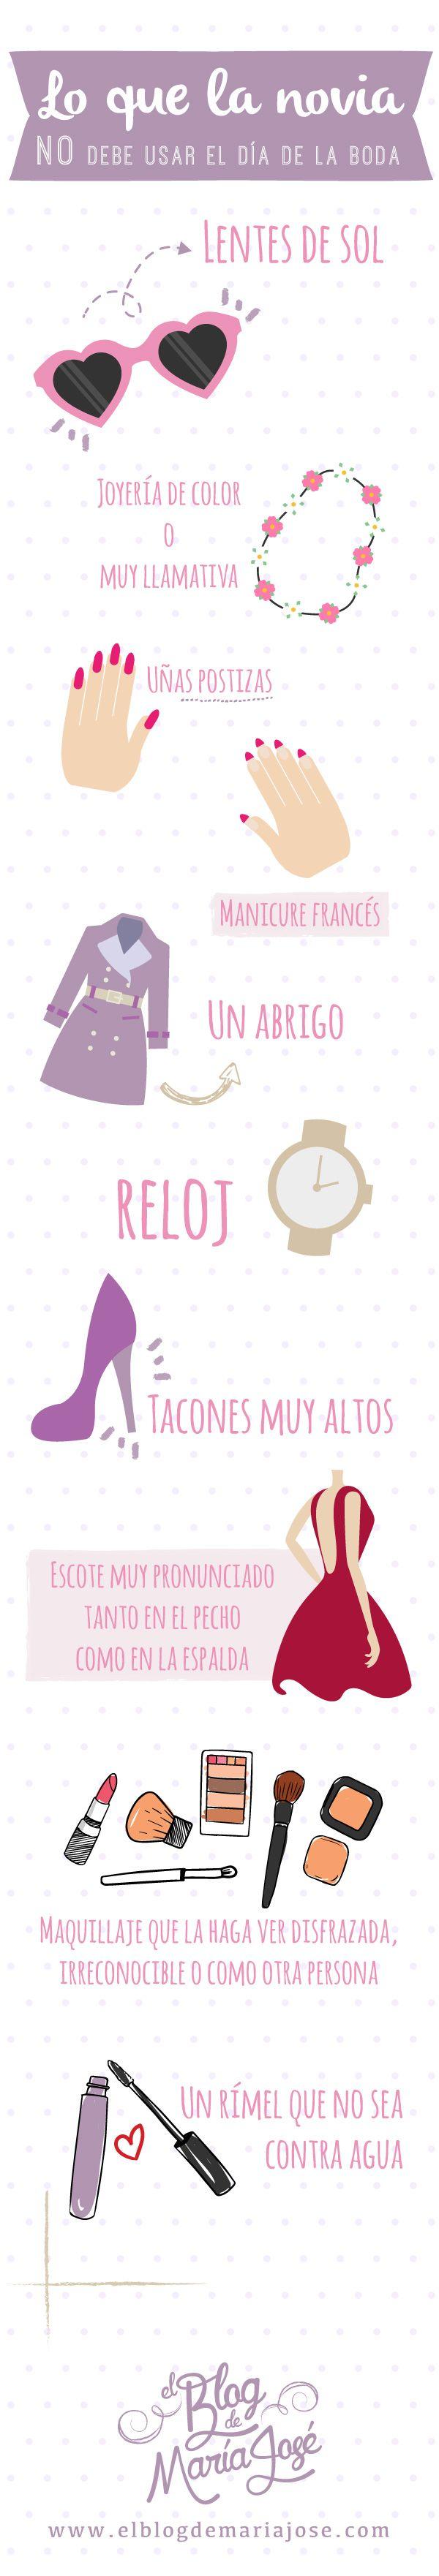 Lo que la novia no debe usar en la boda #Bodas #ElBlogdeMaríaJosé #LookNovia